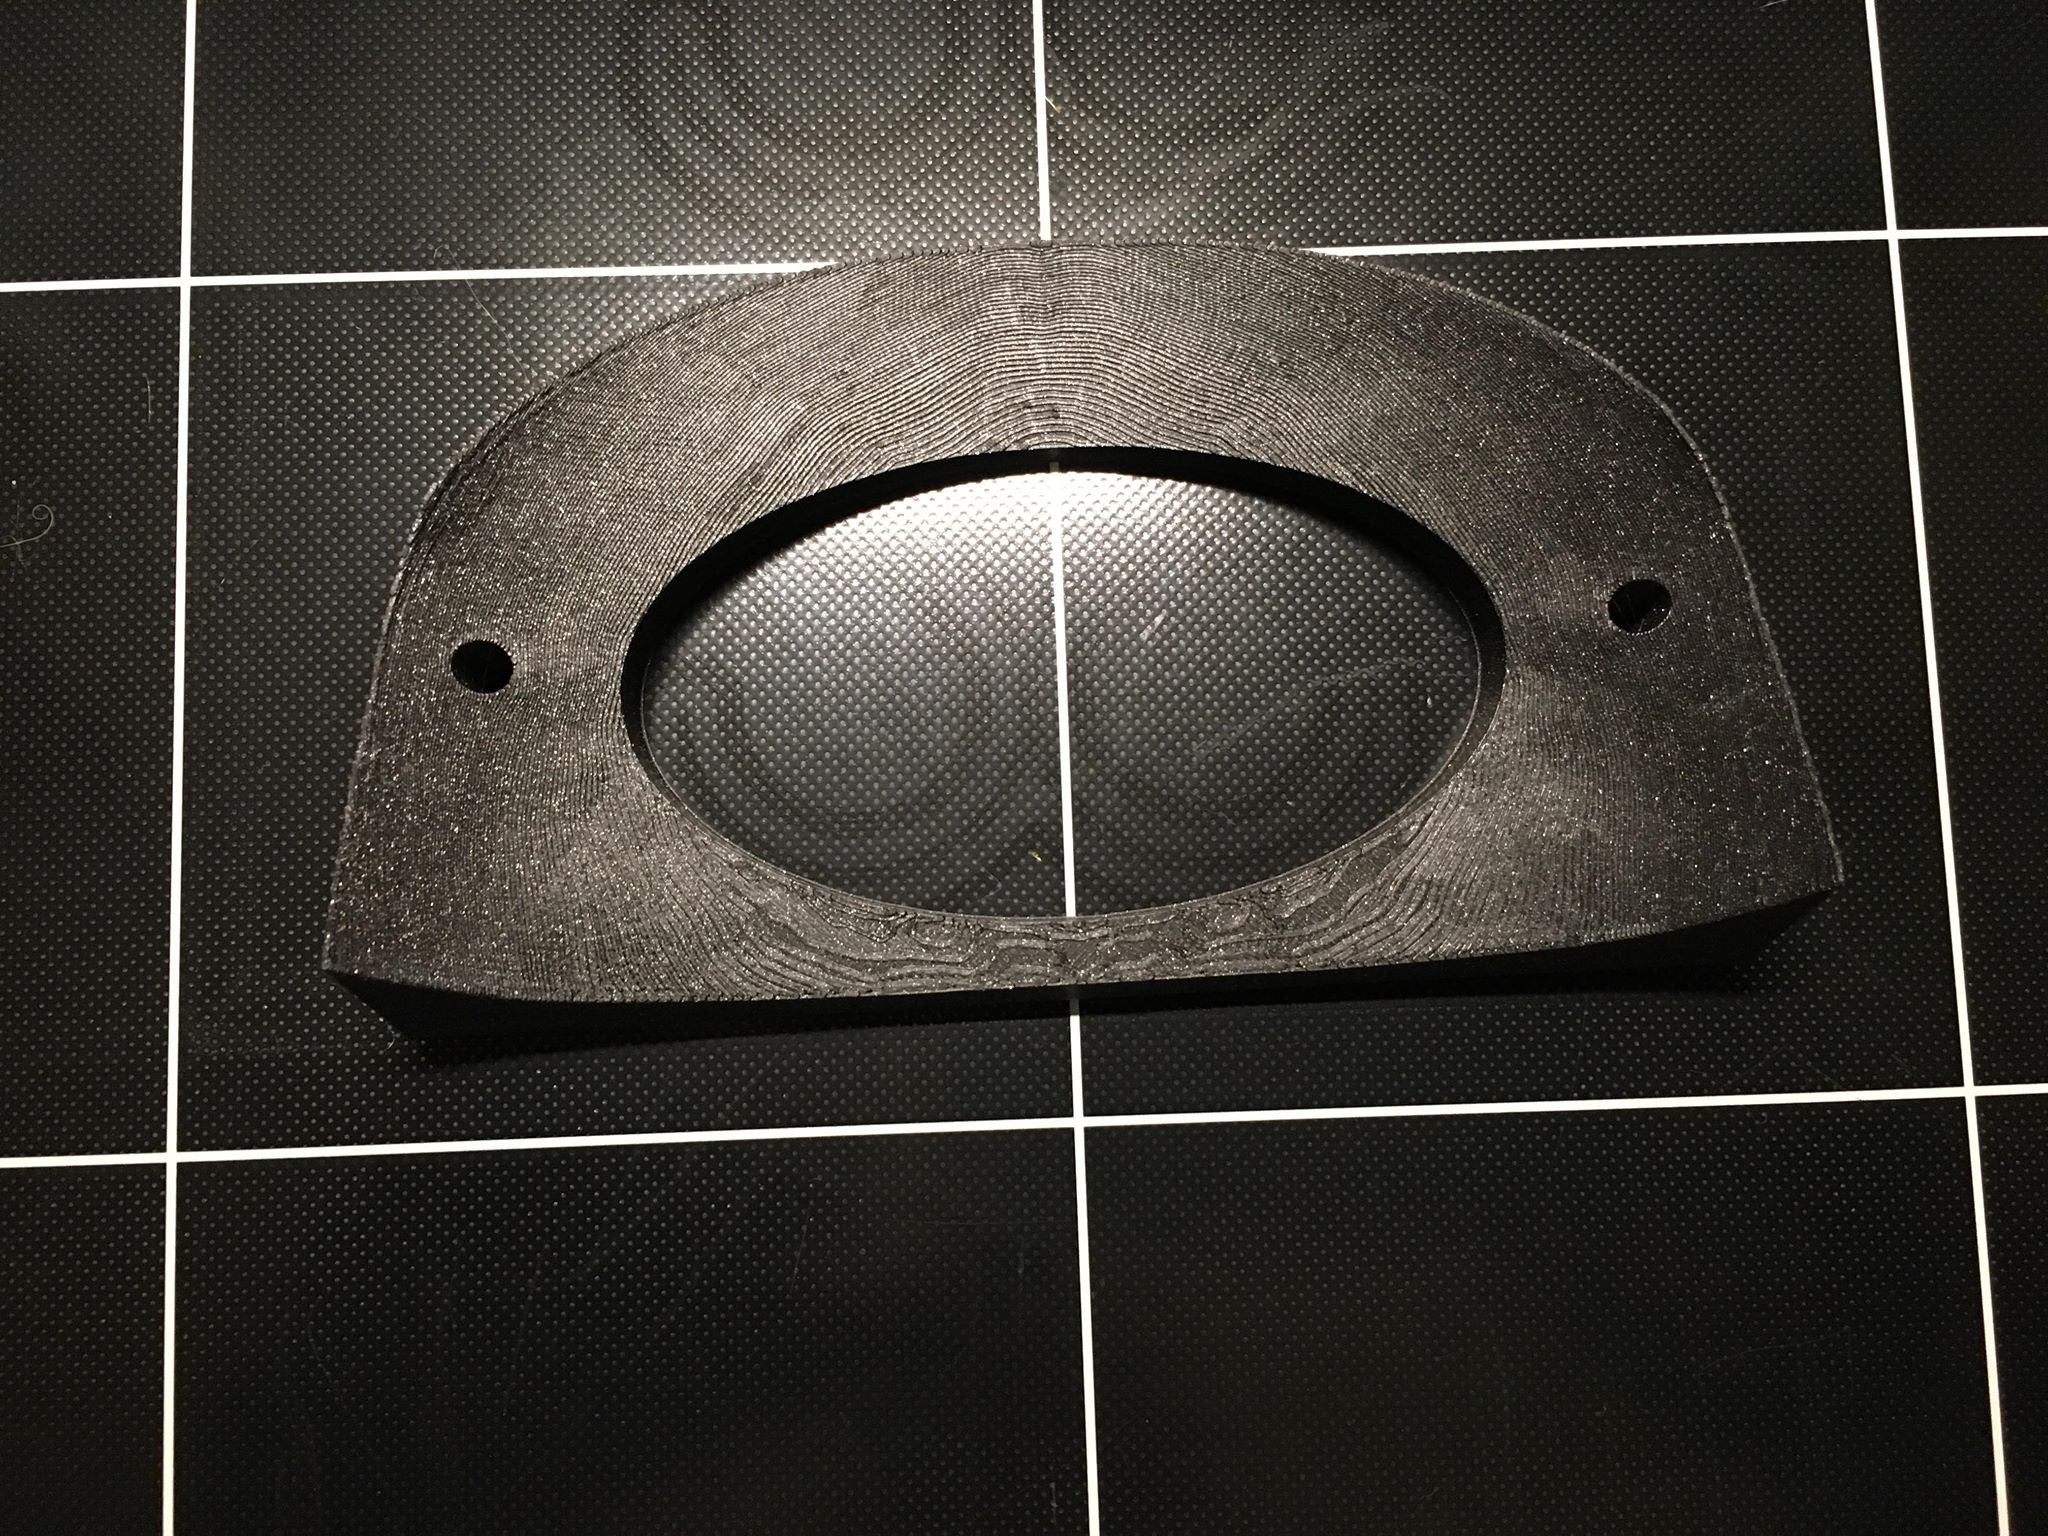 Gotway MSuper Nose Stand Galaxy Black